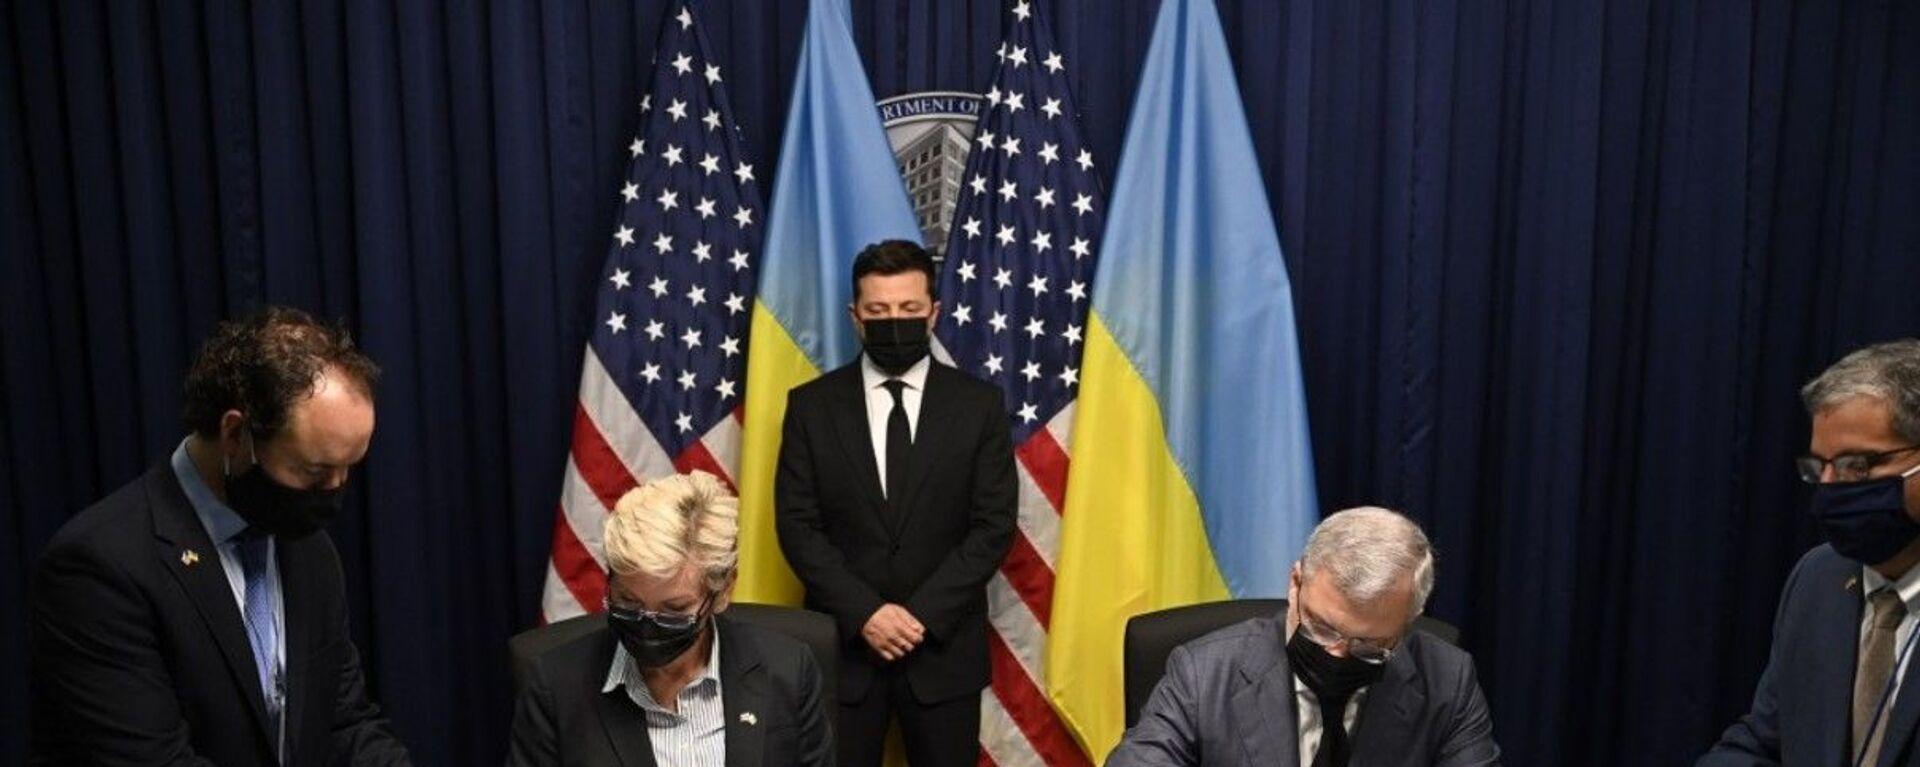 Владимир Зеленский во время подписания документов в ходе его визита в США - Sputnik Узбекистан, 1920, 04.09.2021